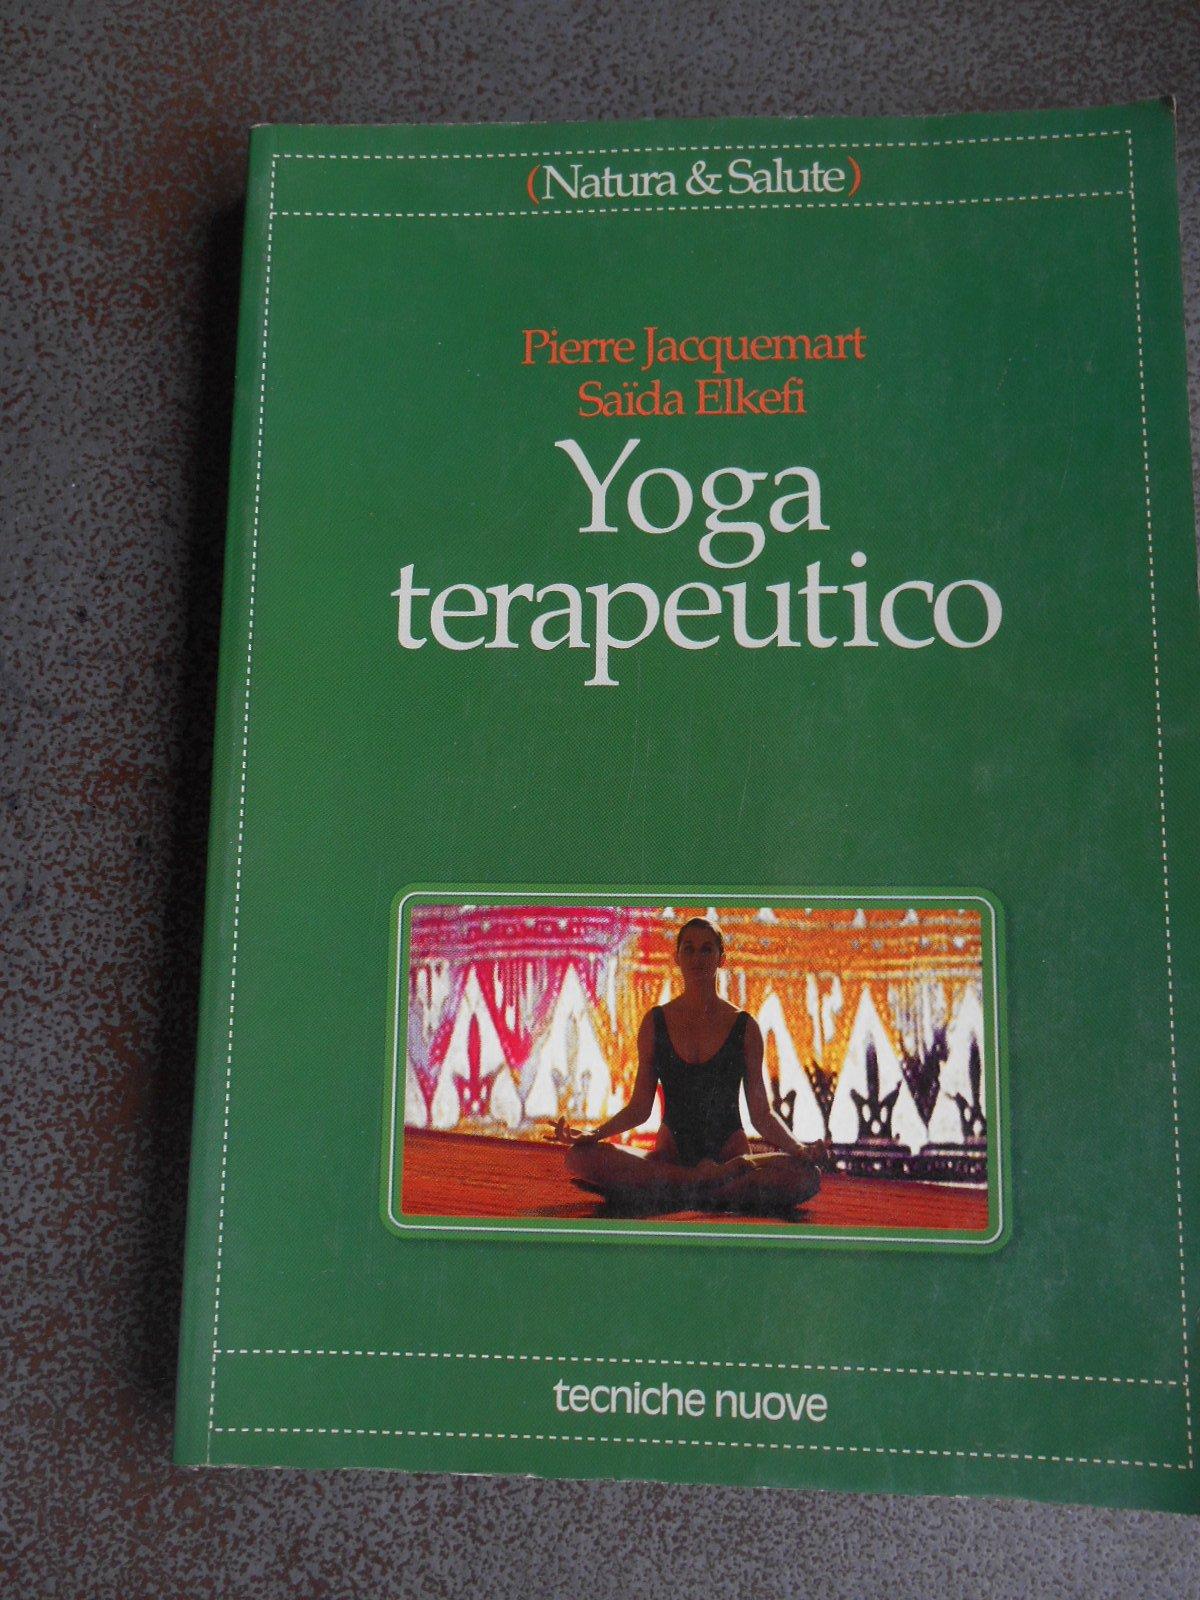 Yoga terapeutico (Natura e salute): Amazon.es: Pierre ...